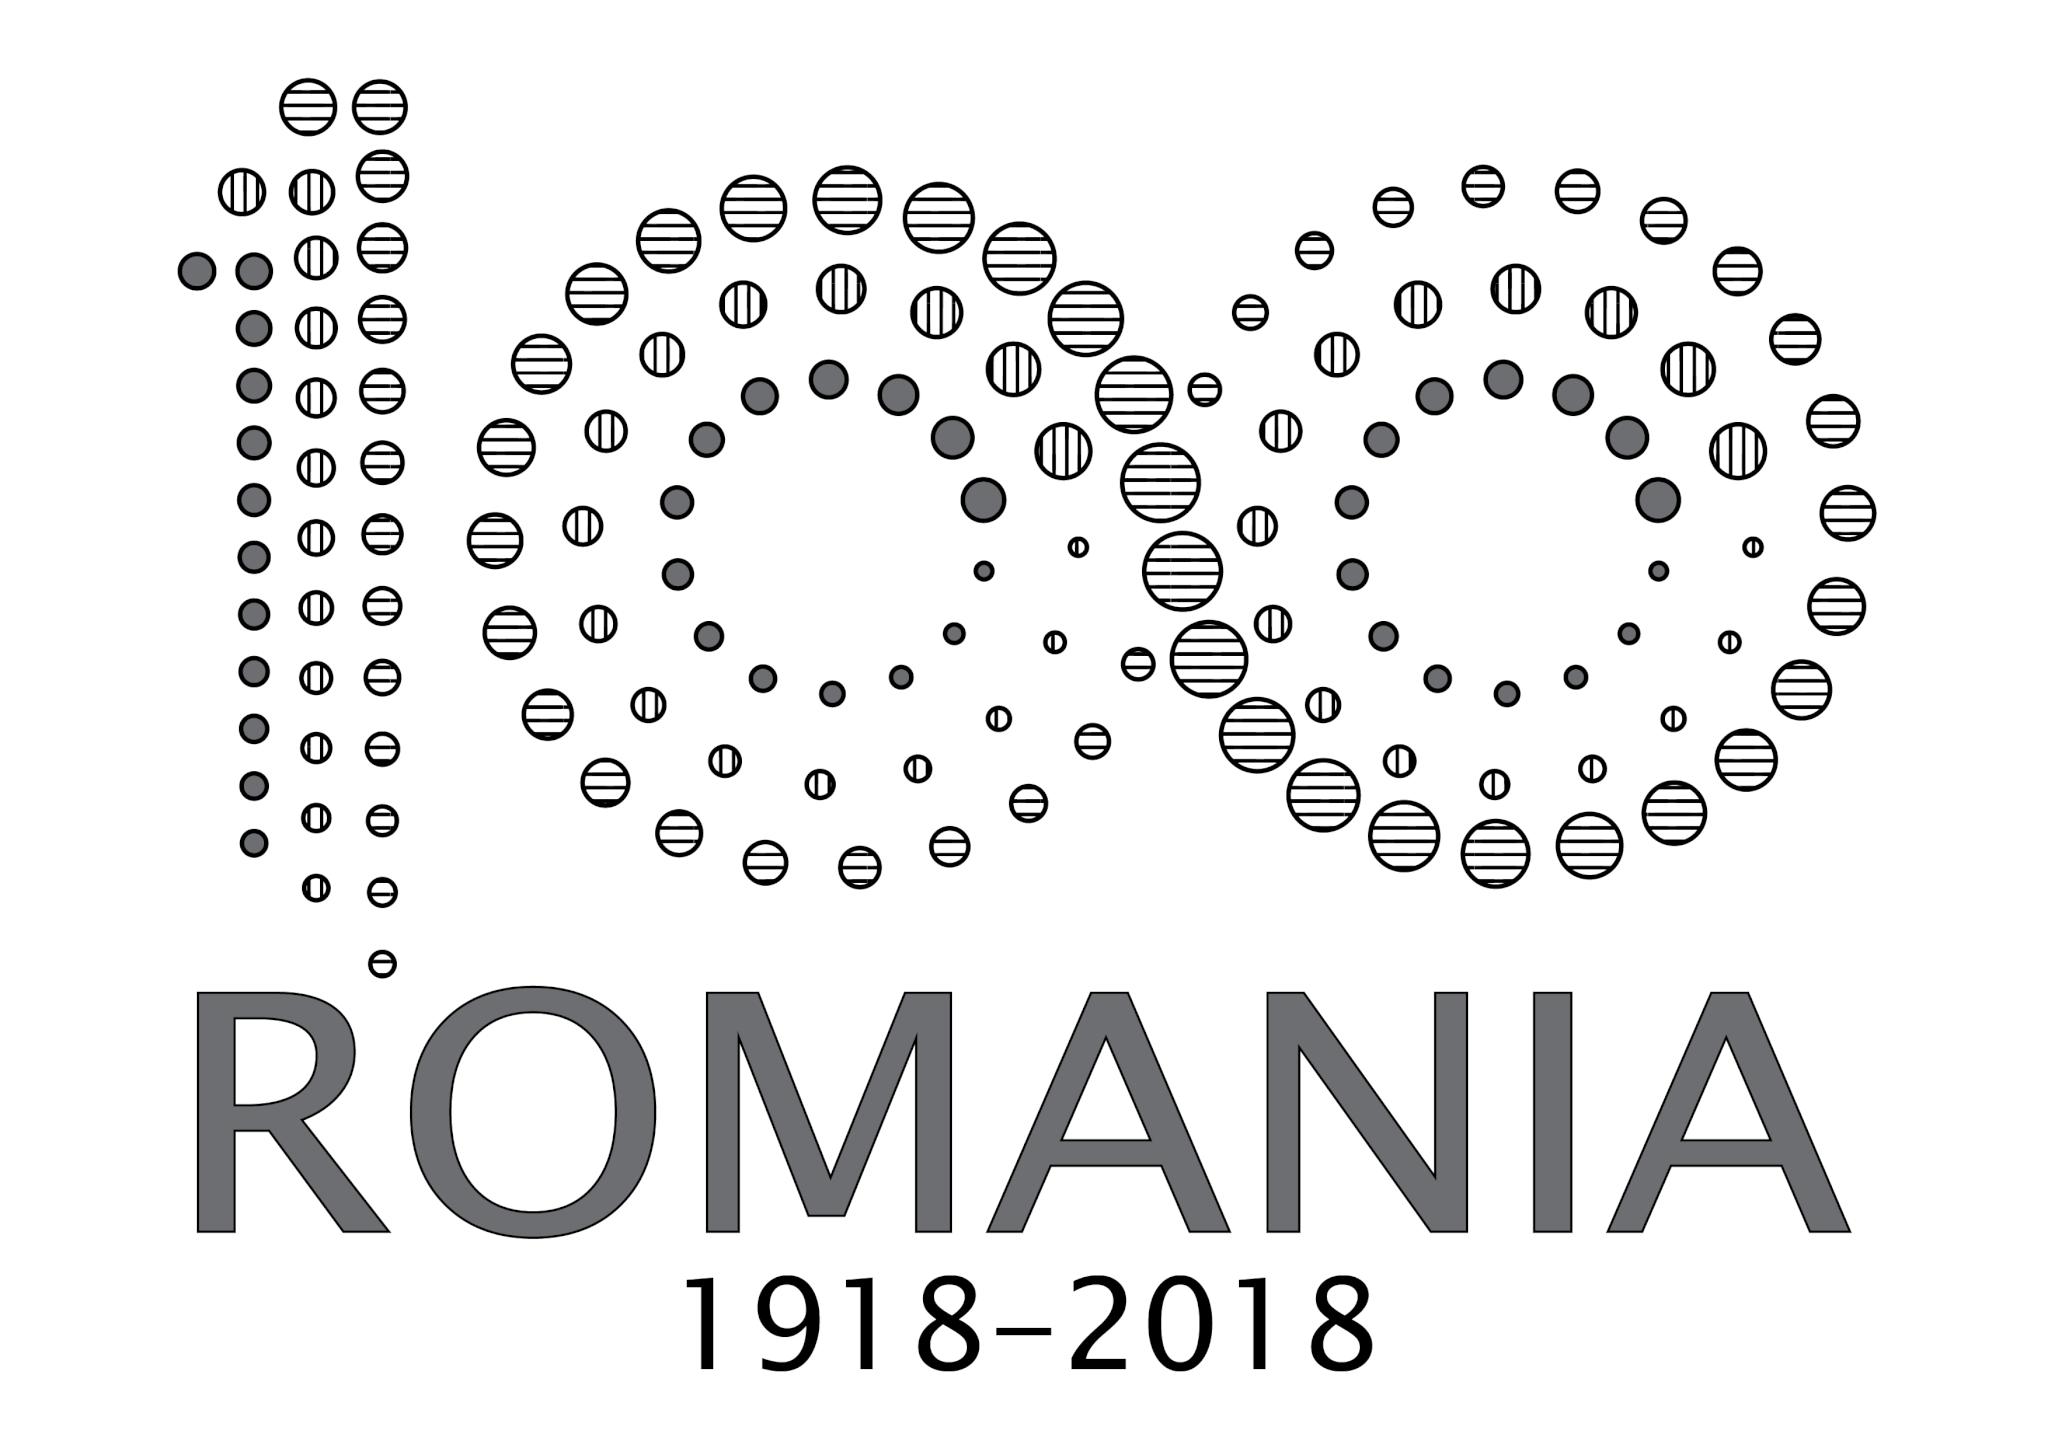 the great romania centenary